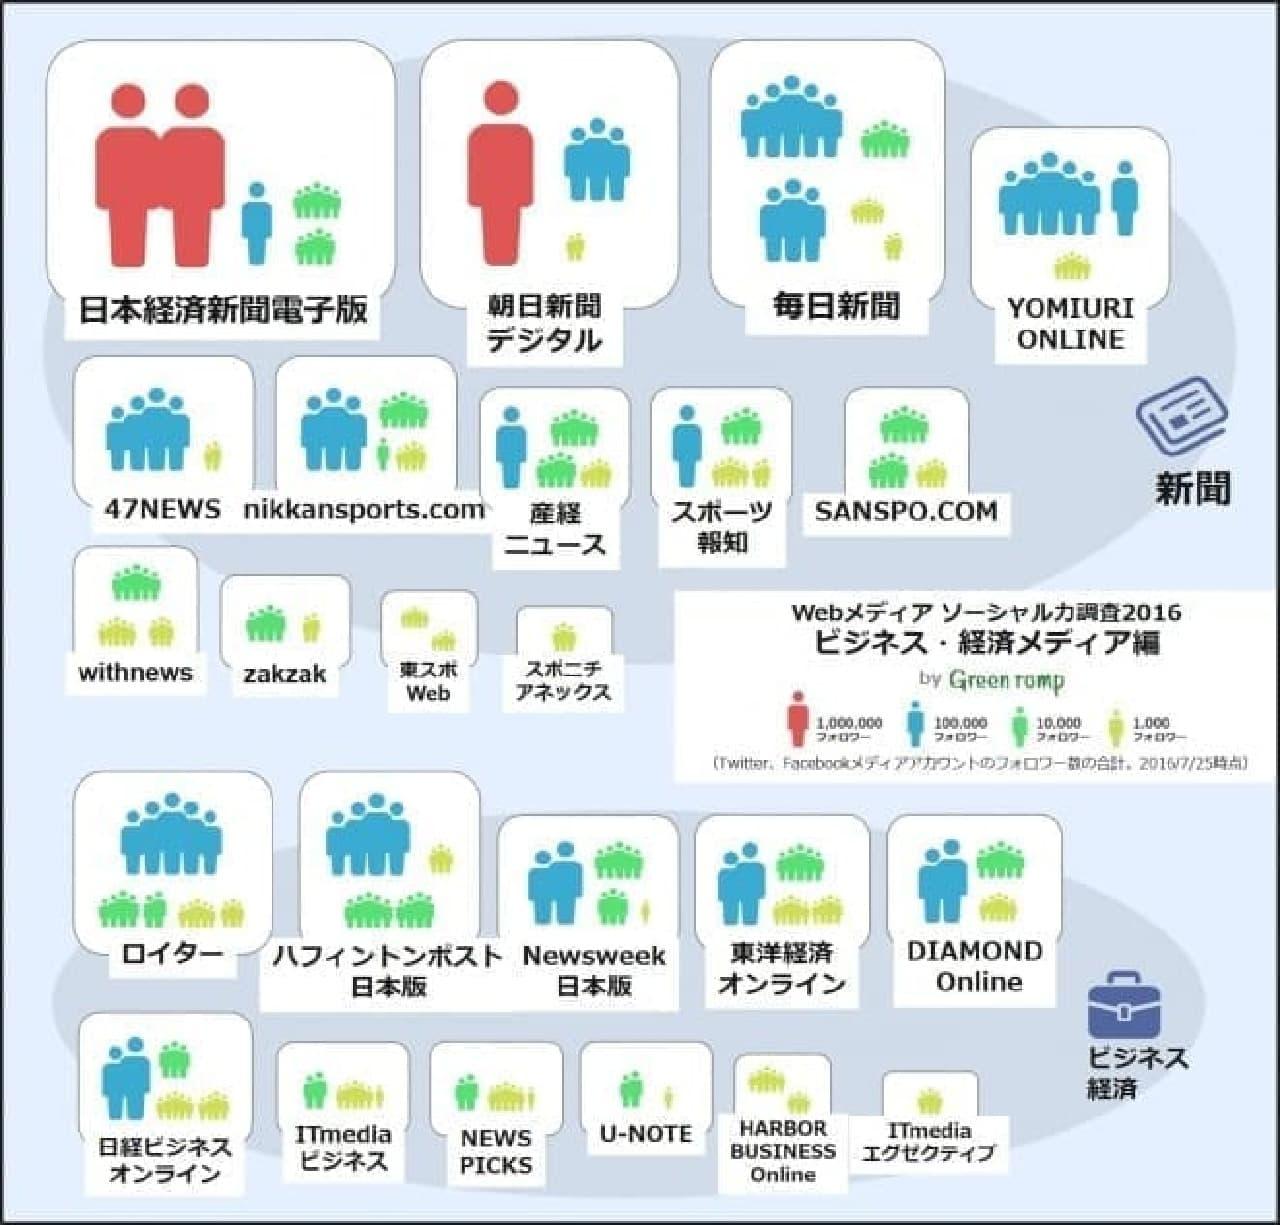 ビジネス・経済メディア編のインフォグラフィック